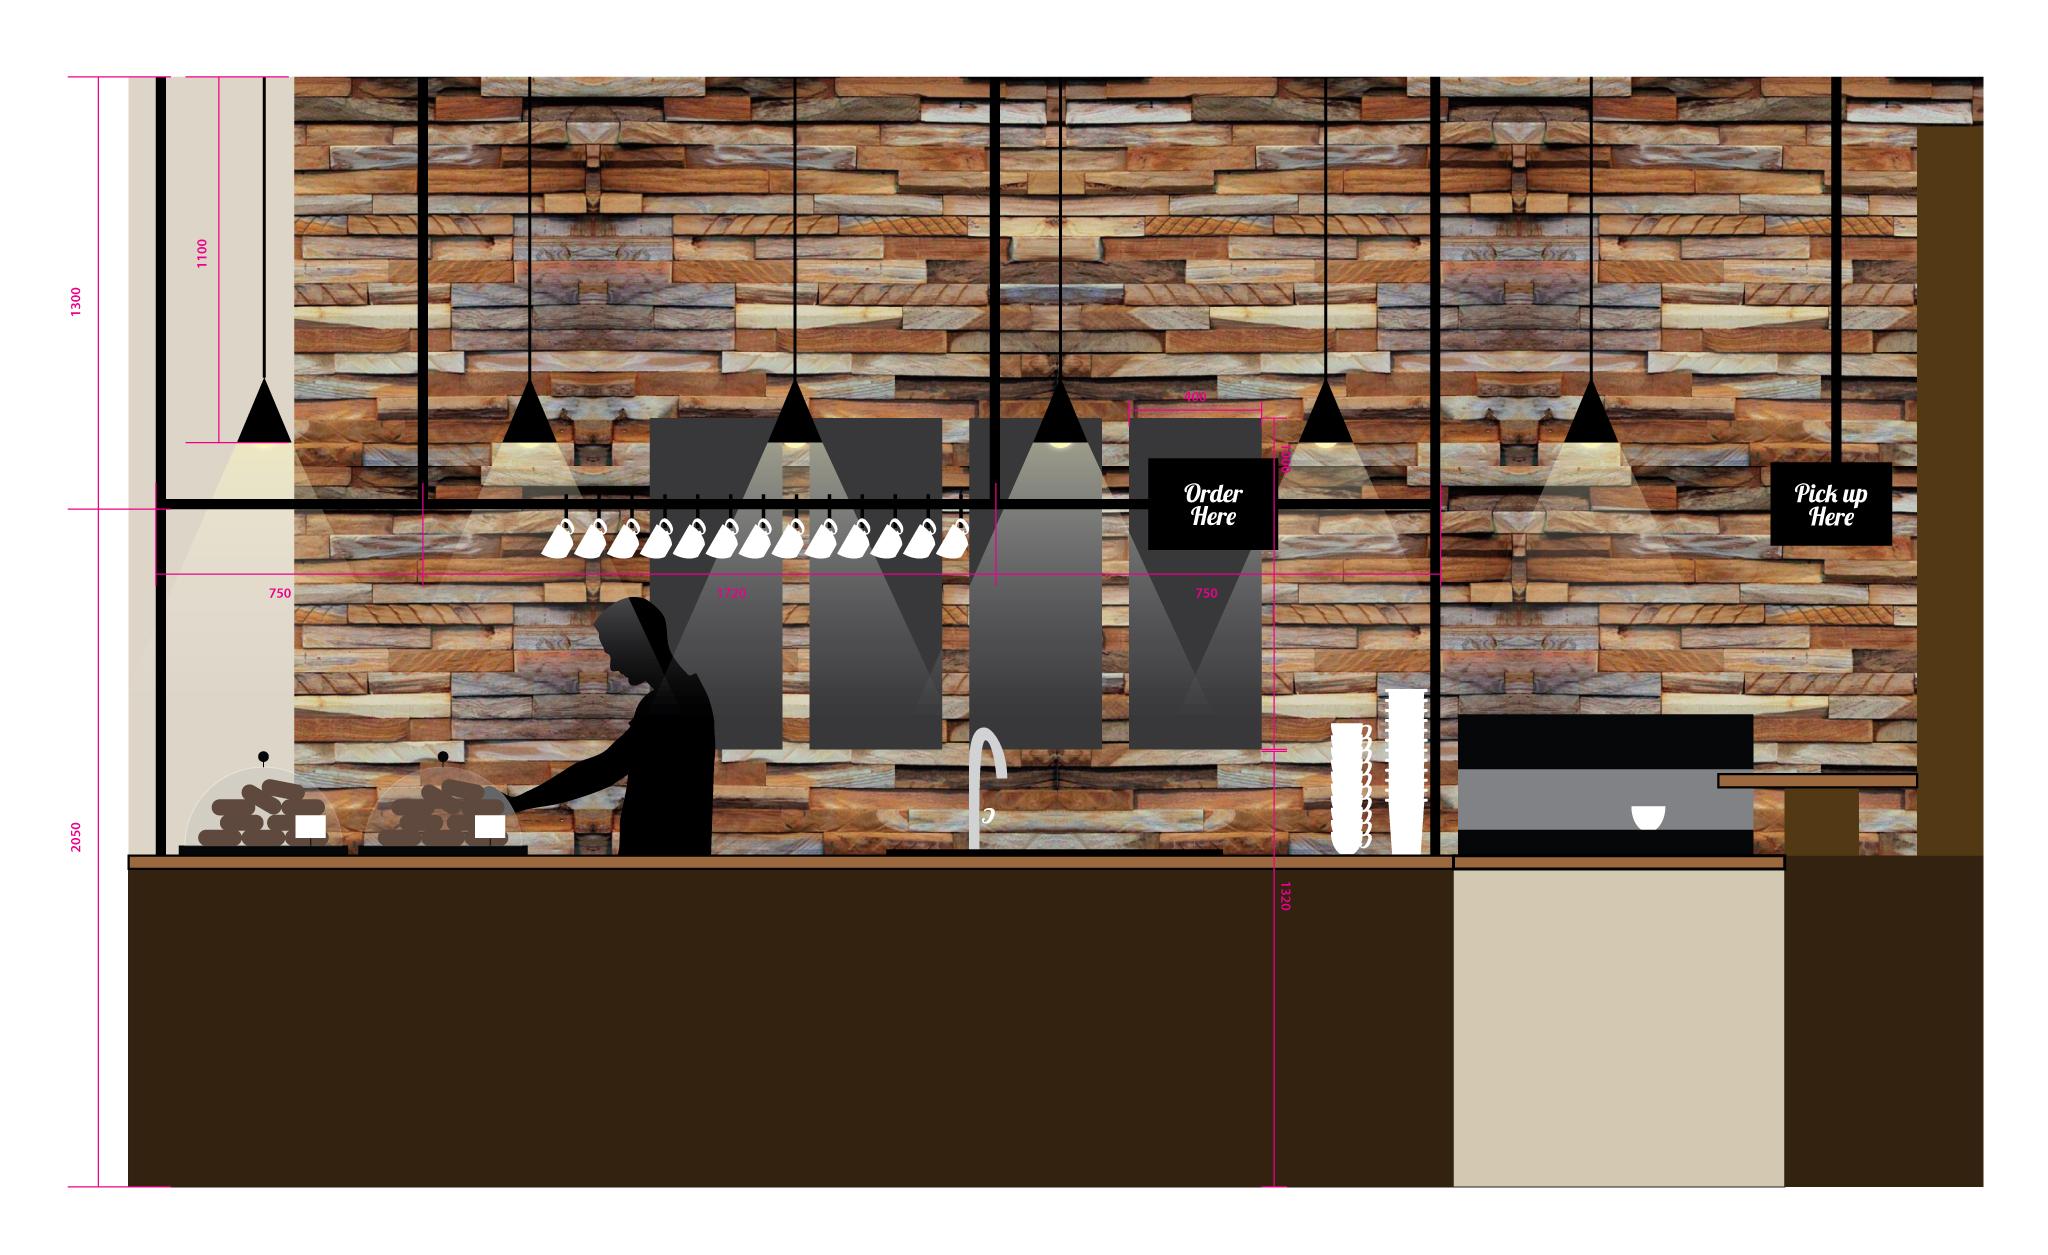 Kitchen-Design-simulation